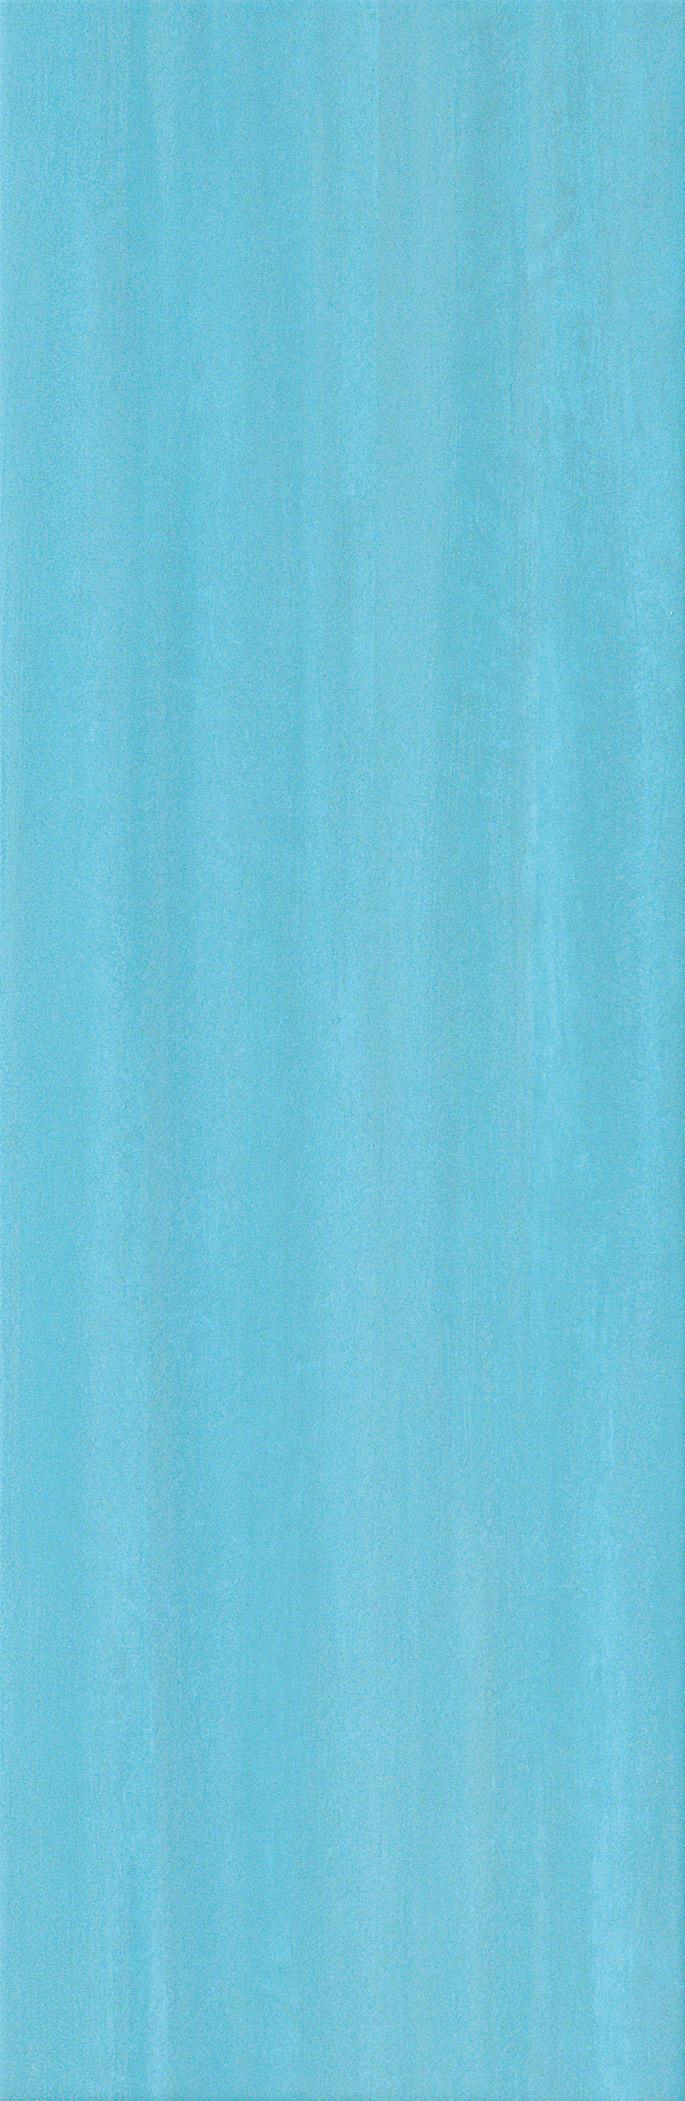 Настенная плитка FAP Ceramiche SOLE +14331 Azzurro настенная плитка fap sole sabbia 25x75